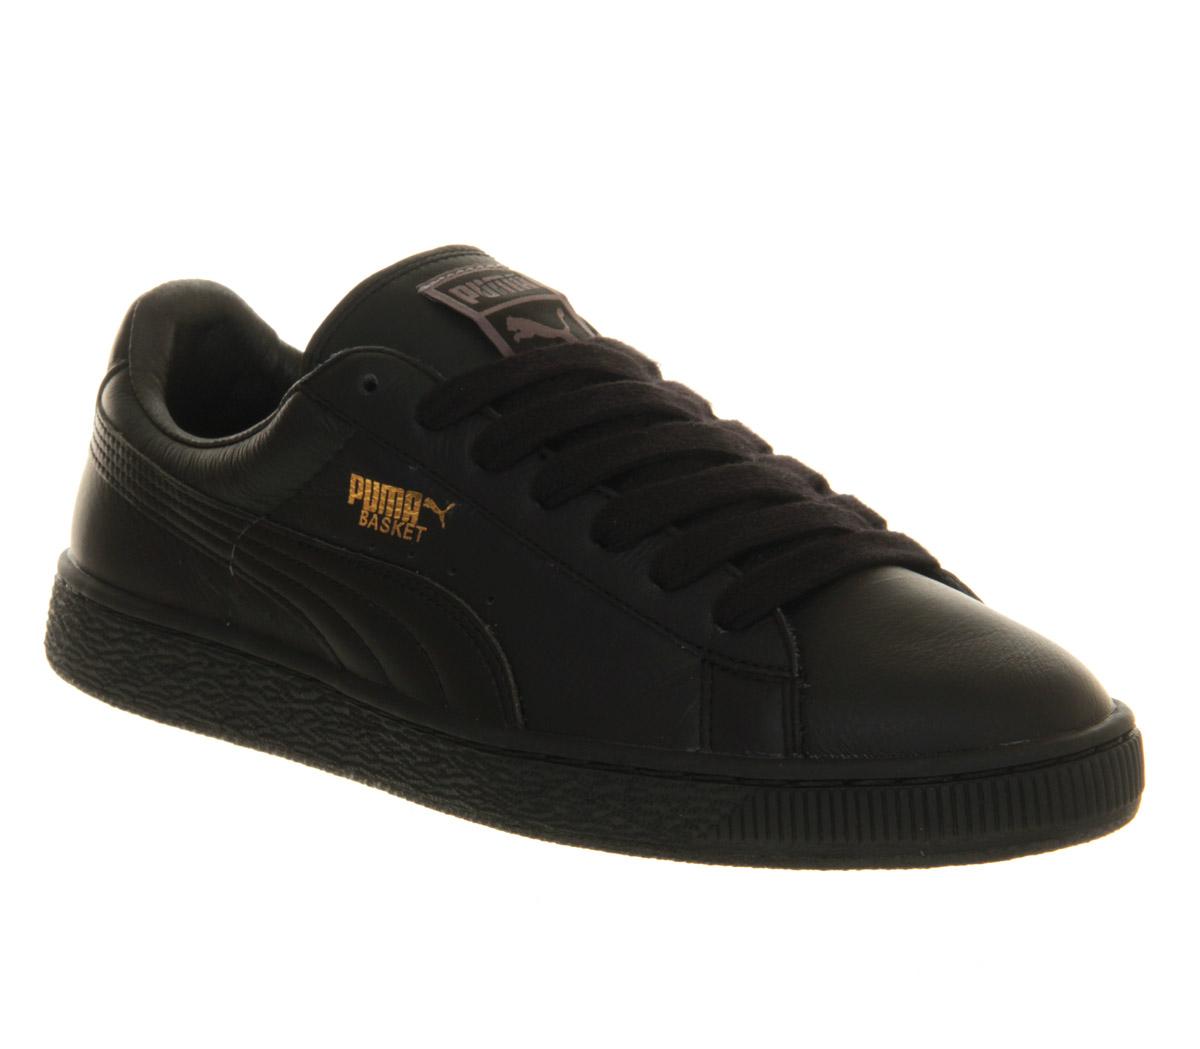 puma suede leather black